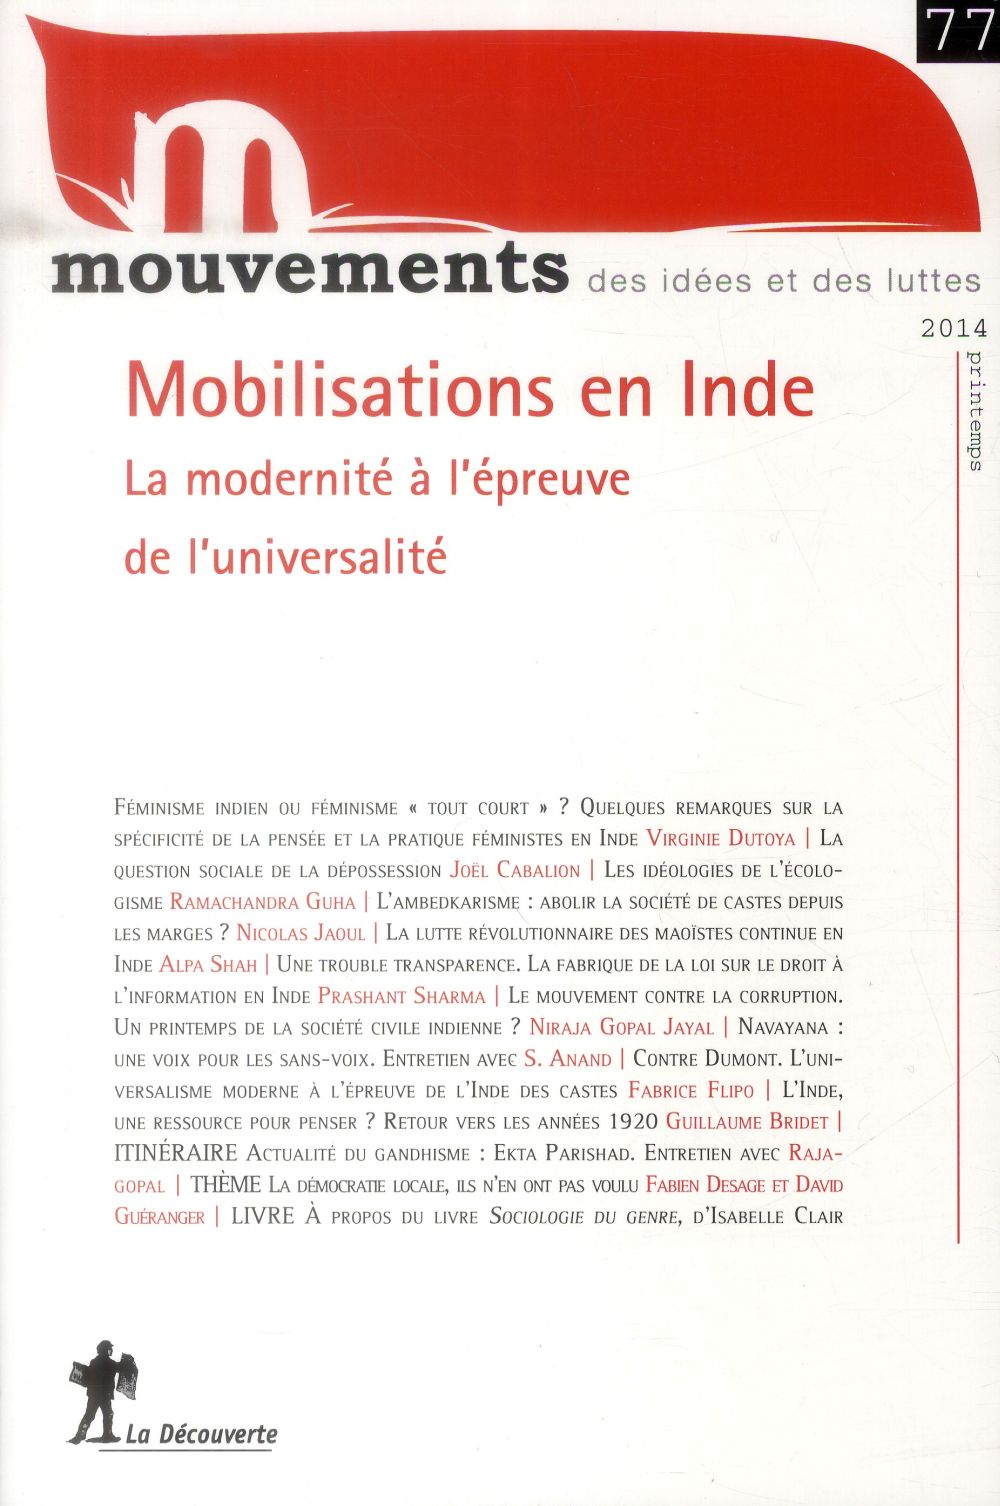 REVUE MOUVEMENTS N77 MOBILISATIONS EN INDE